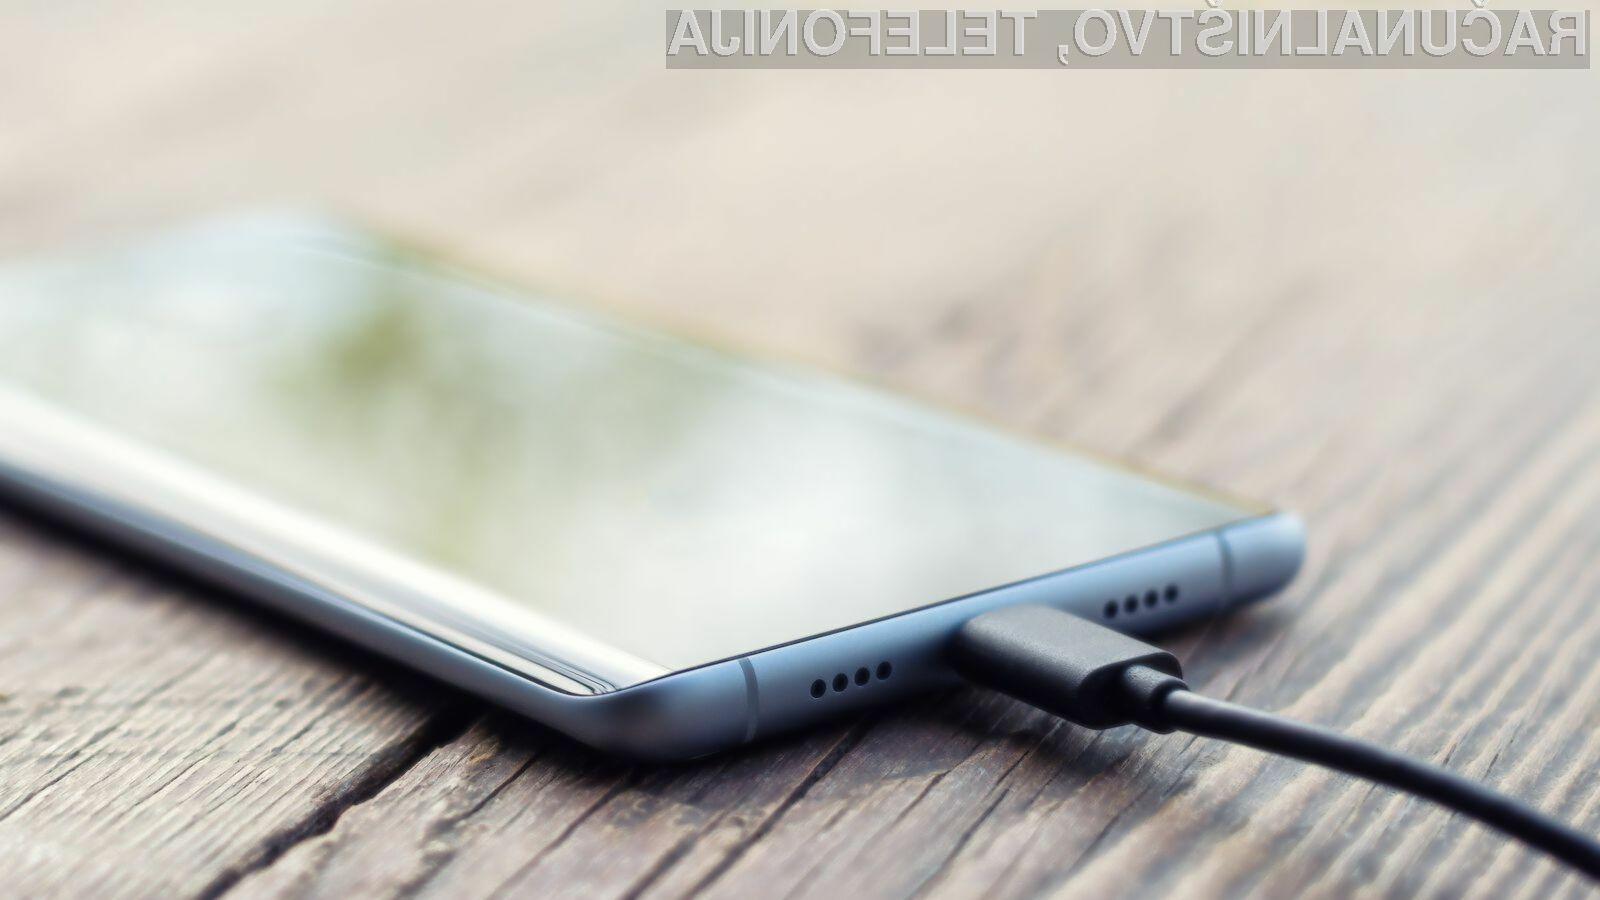 Aplikacija Netfix je pošteno »zagodla« uporabnikom starejših mobilnih naprav Adnroid.